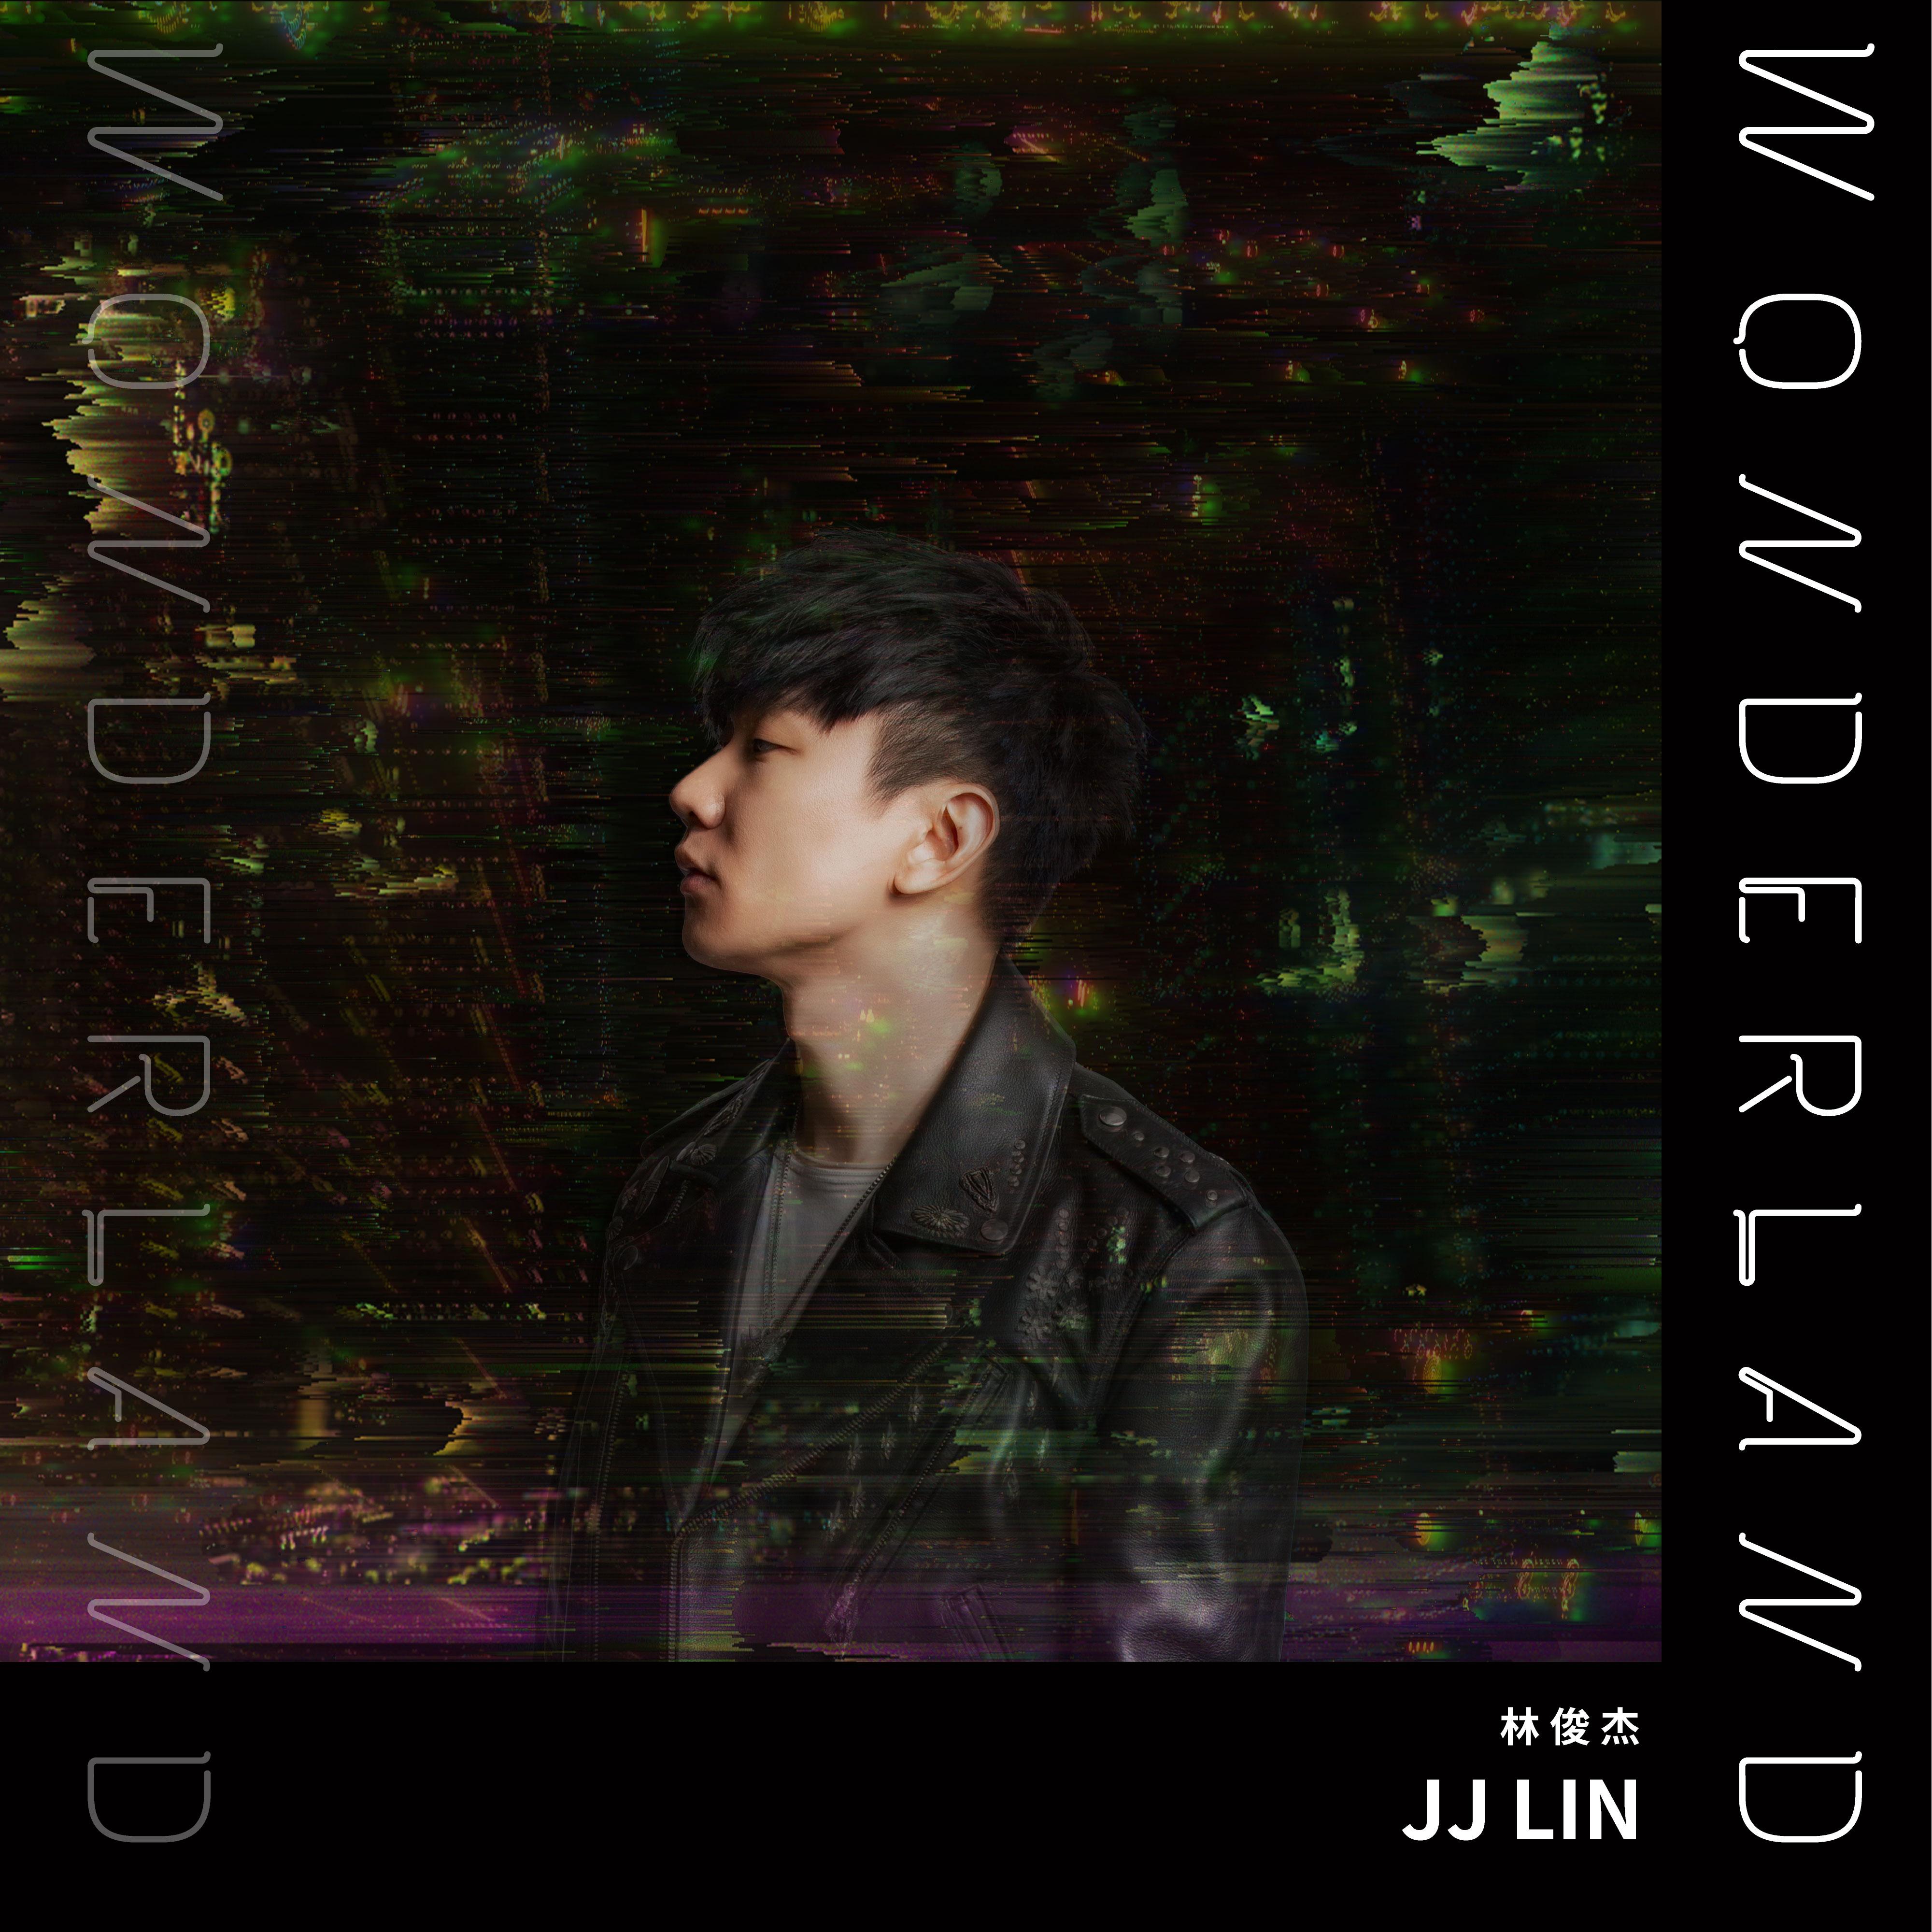 林俊杰2019年重點新歌《wonderland》震撼發布 耗時十六年打造重磅圖片